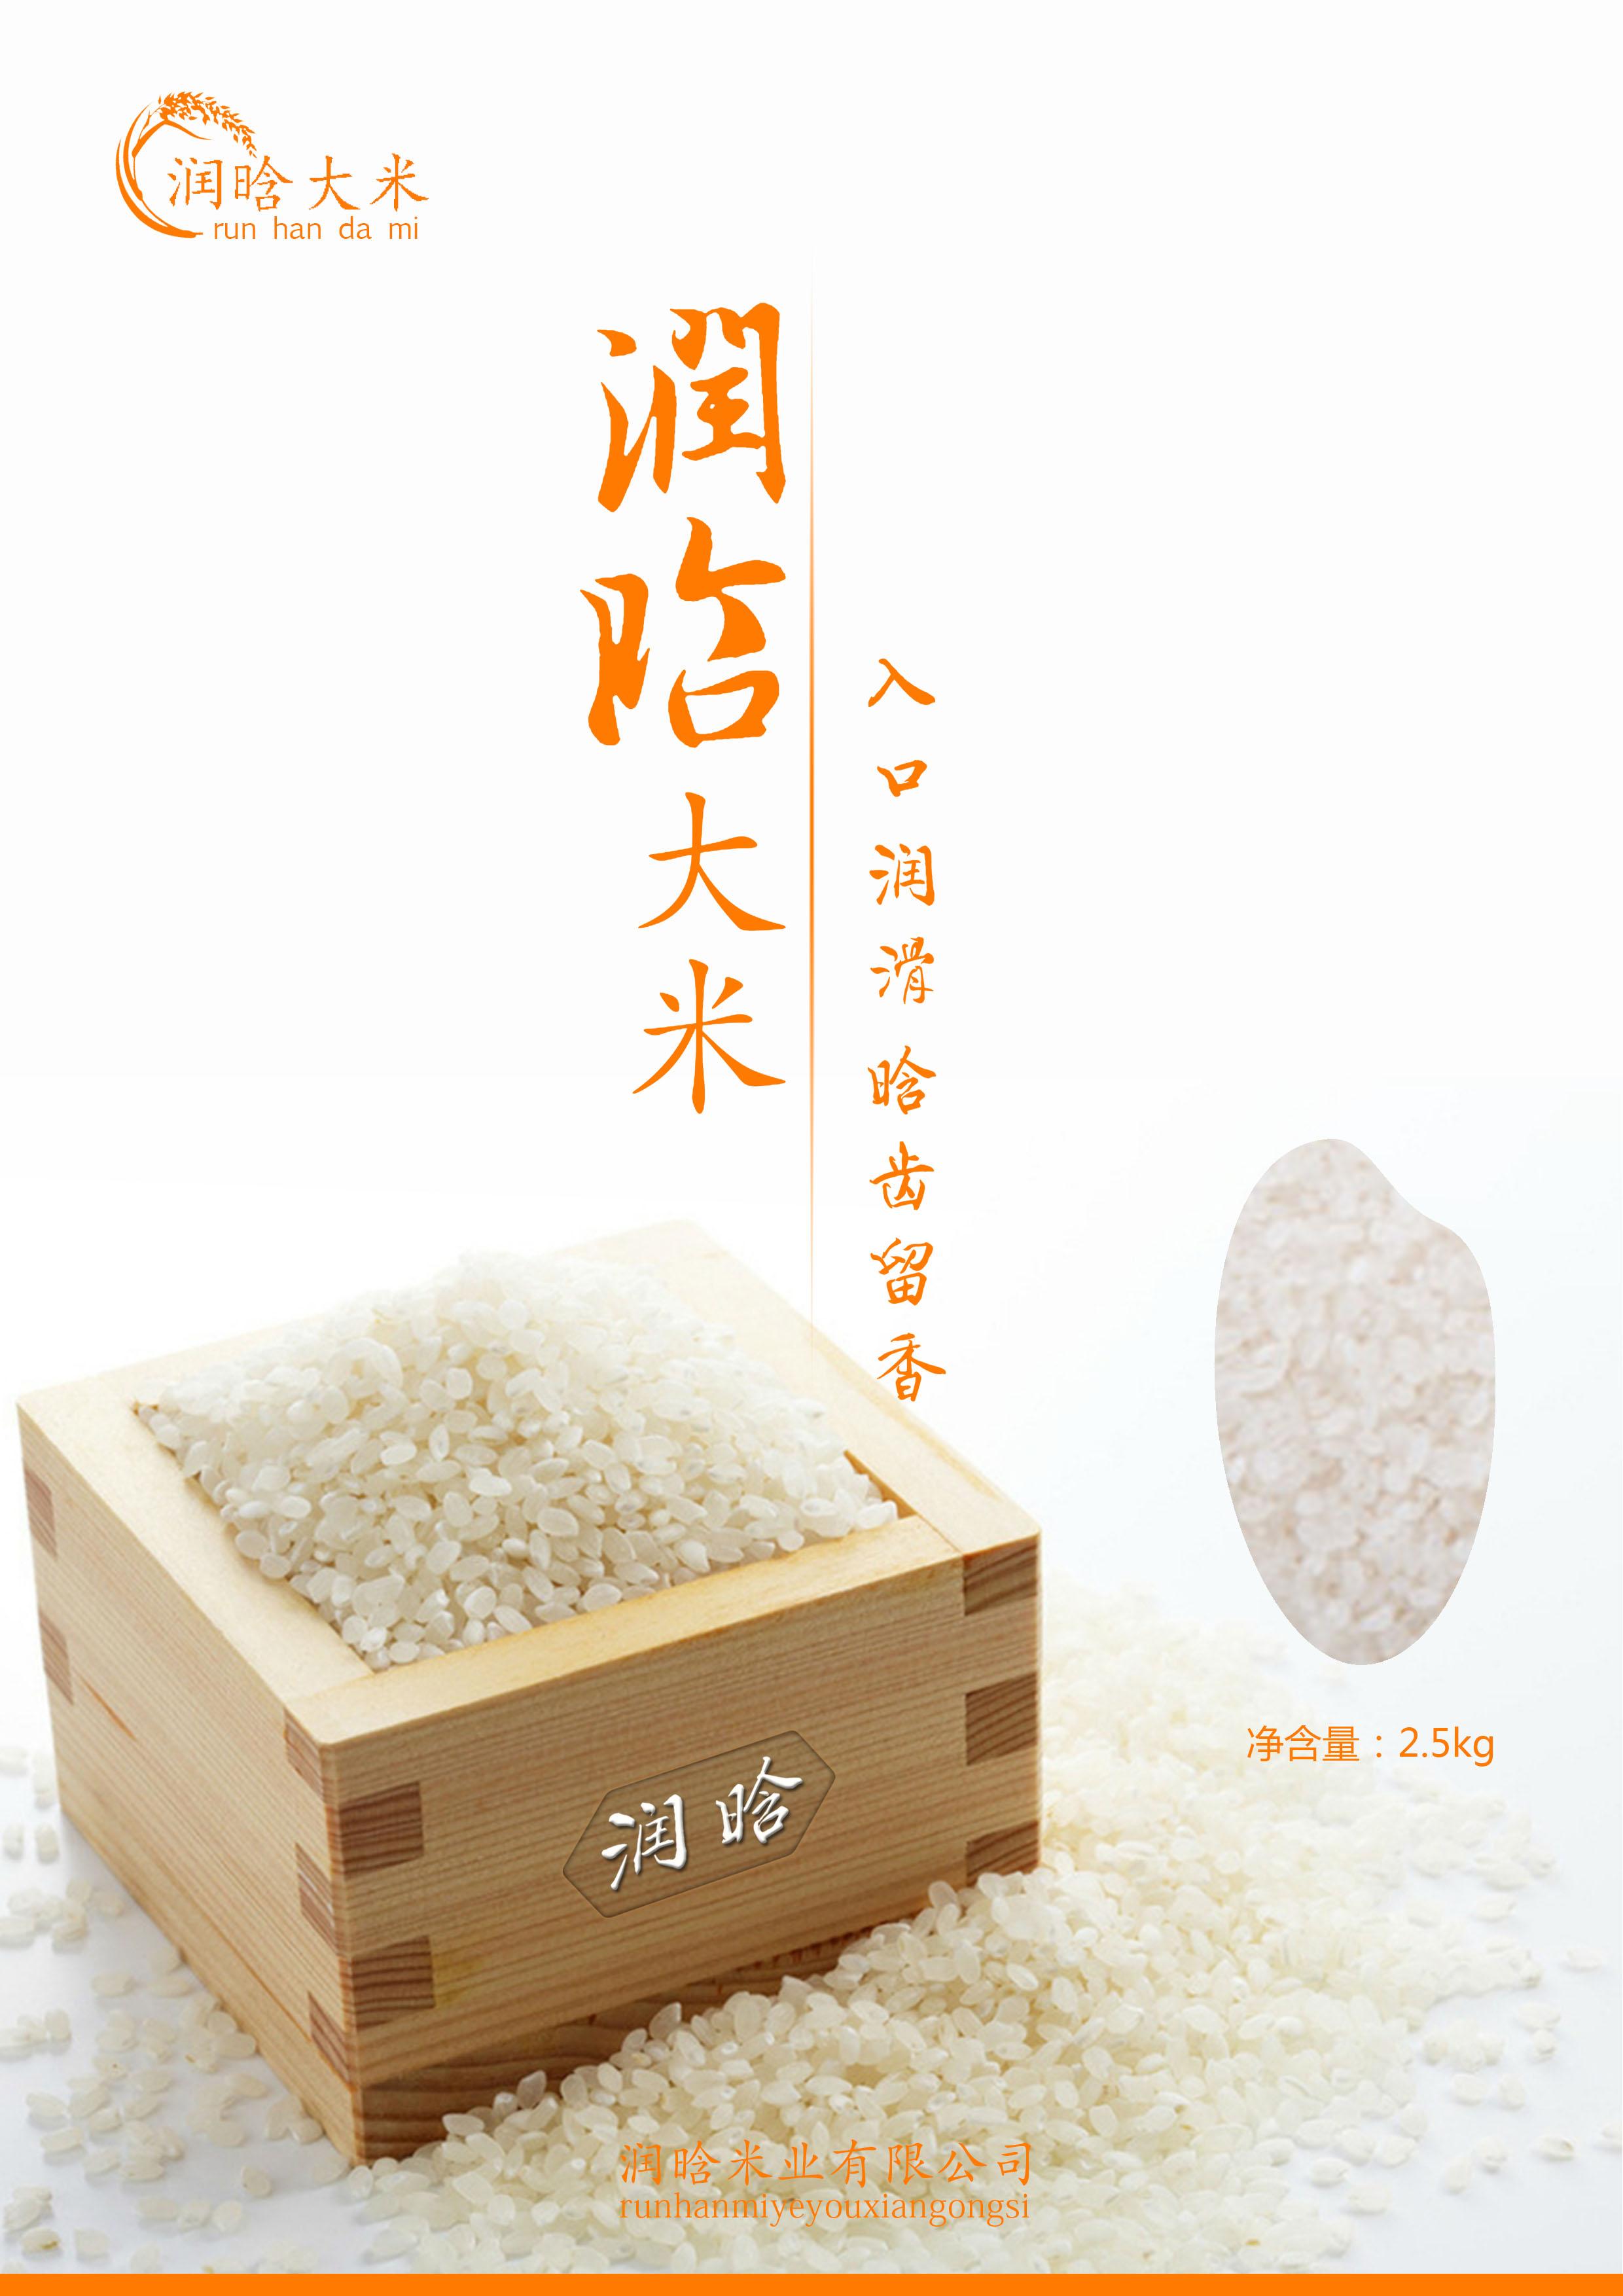 有机大米包装设计